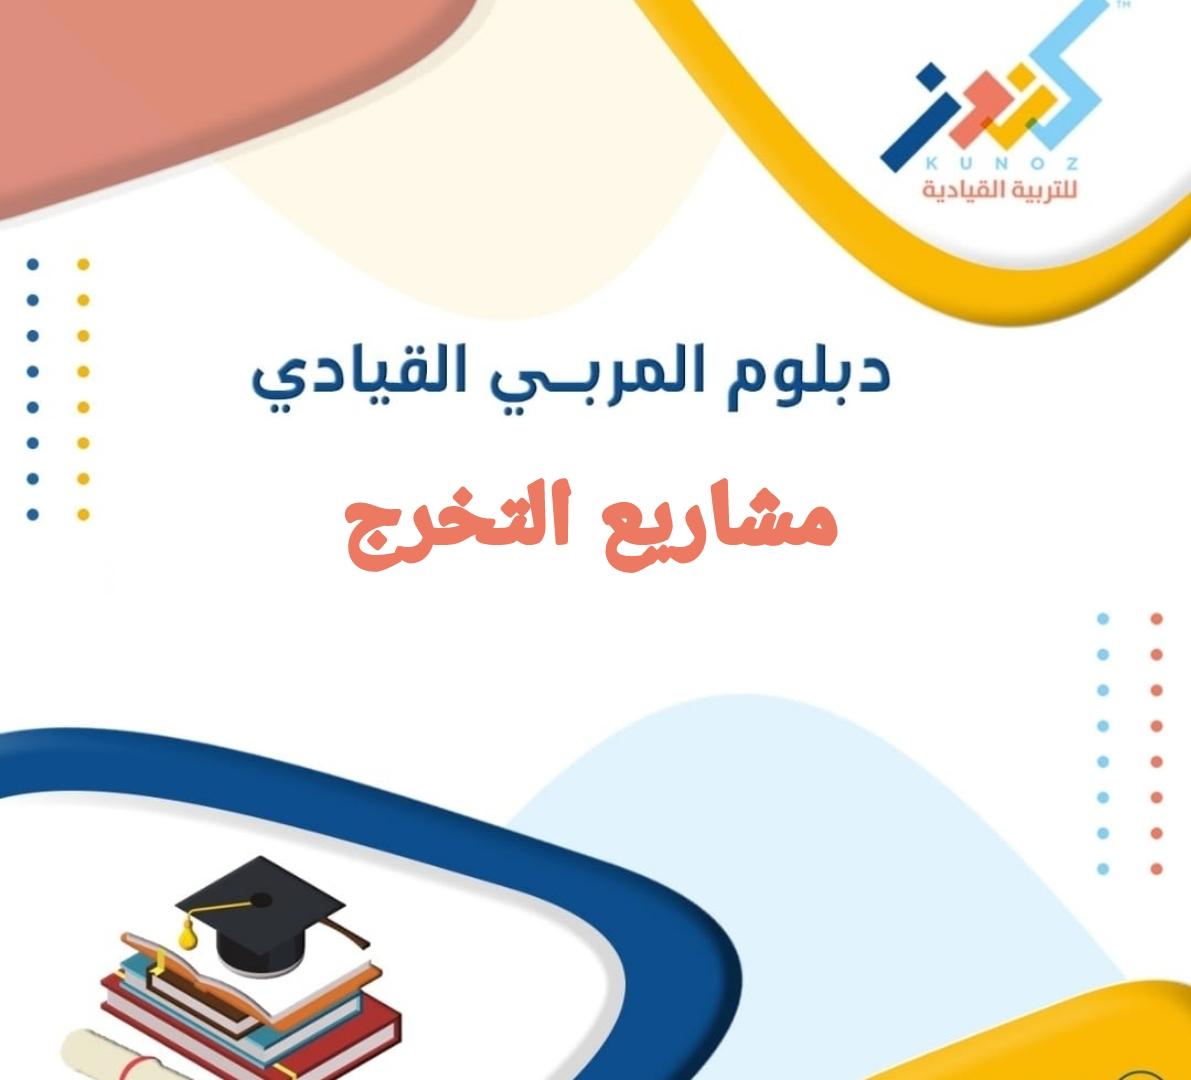 مشاريع التخرج